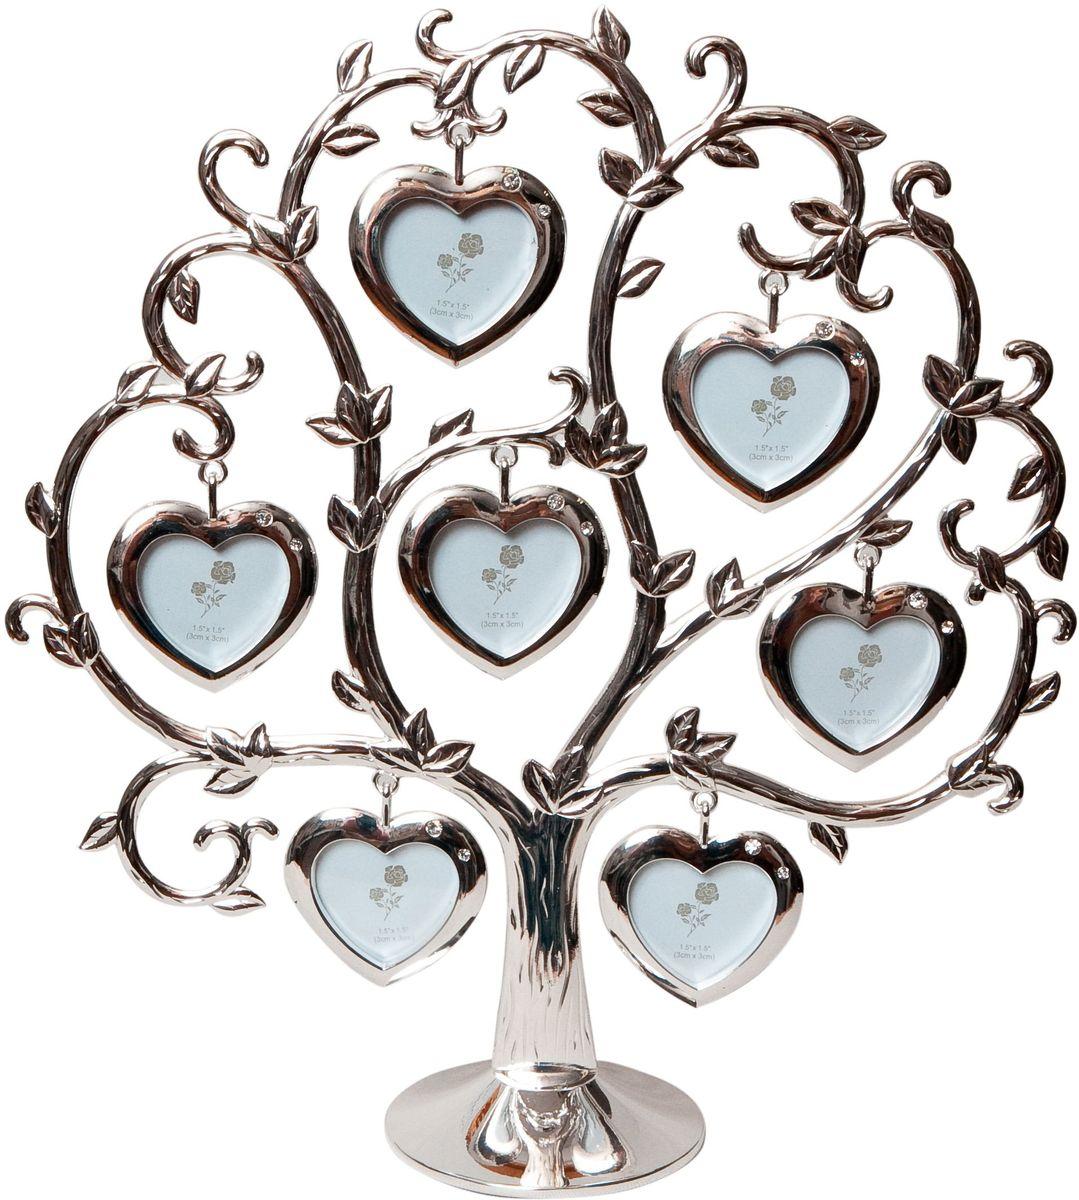 Фоторамка Platinum Дерево. Сердца, цвет: светло-серый, на 7 фото, 4 x 4 см. PF9460CSБрелок для ключейДекоративная фоторамка Platinum Дерево. Сердца выполнена из металла. На подставку в виде деревца подвешиваются семь рамочек в форме сердец, украшенных стразами. Изысканная и эффектная, эта потрясающая рамочка покорит своей красотой и изумительным качеством исполнения. Фоторамка Platinum Дерево. Сердца не только украсит интерьер помещения, но и поможет разместить фото всей вашей семьи. Высота фоторамки: 25 см. Фоторамка подходит для фотографий 4 х 4 см.Общий размер фоторамки: 24 х 5 х 25 см.